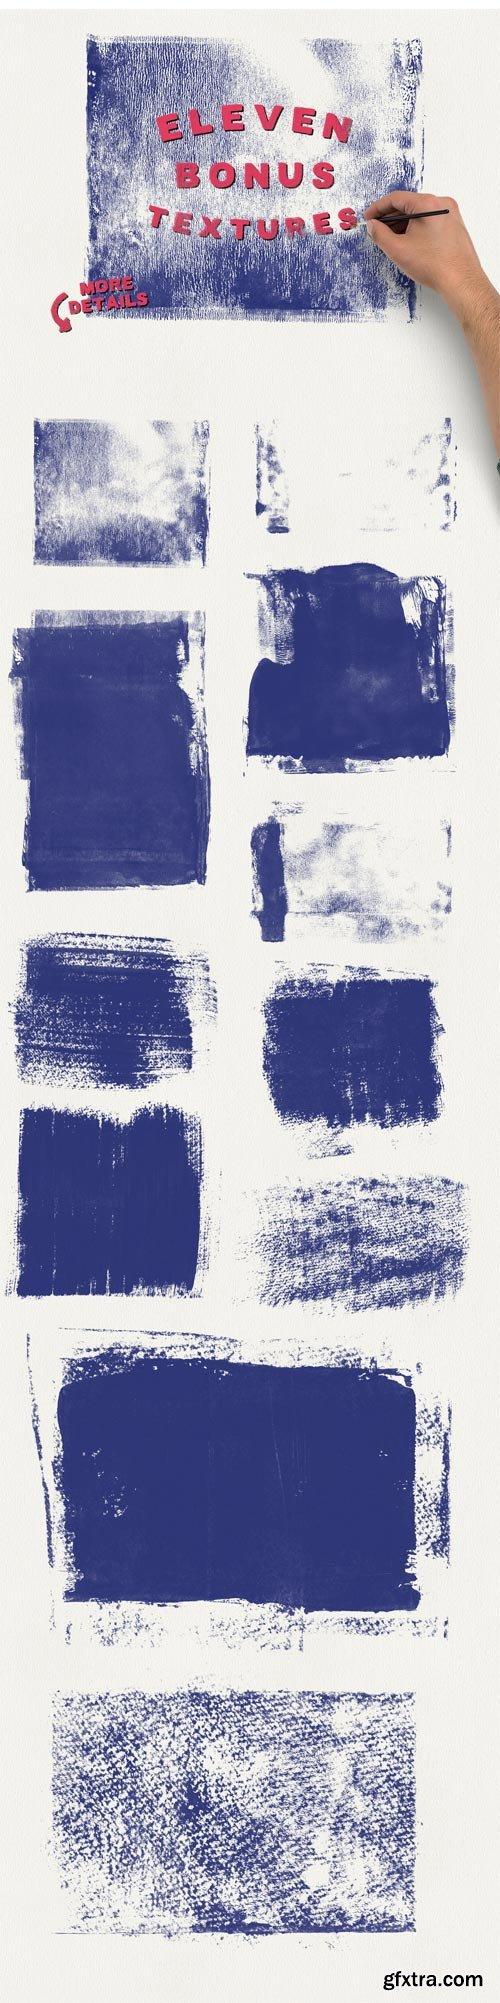 CM 294369 - Watercolor Brushes + Bonus Textures!